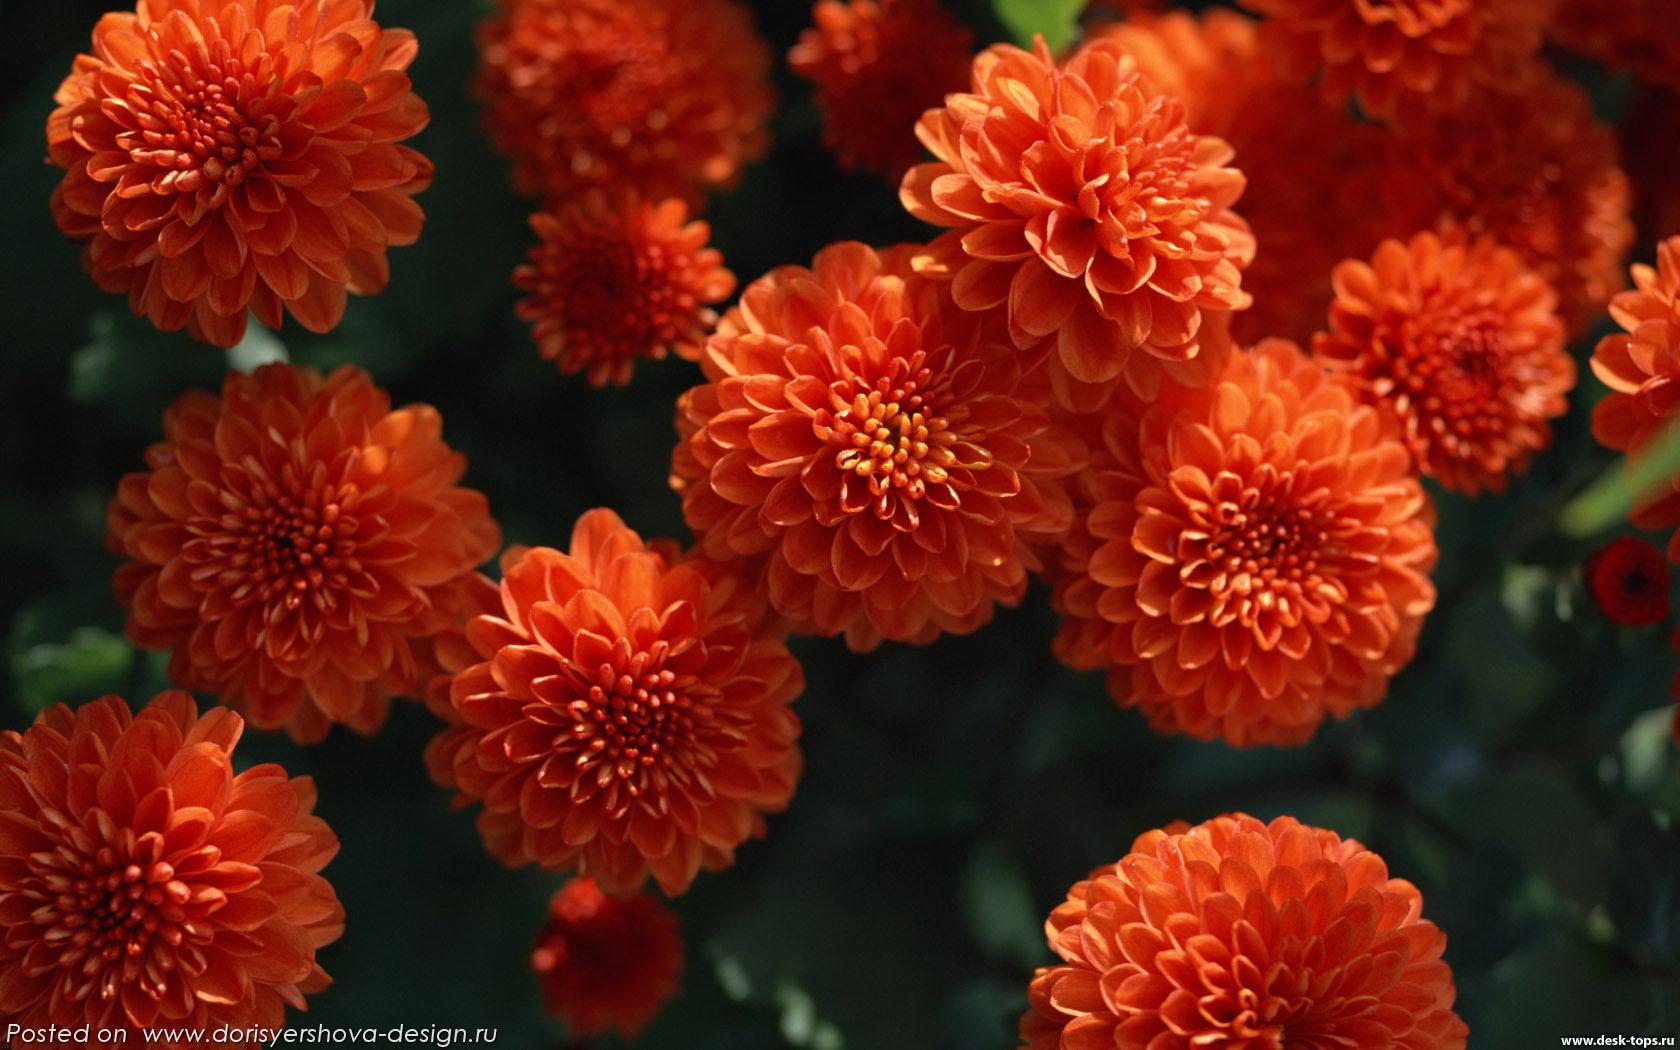 темно-оранжевые хризантемы